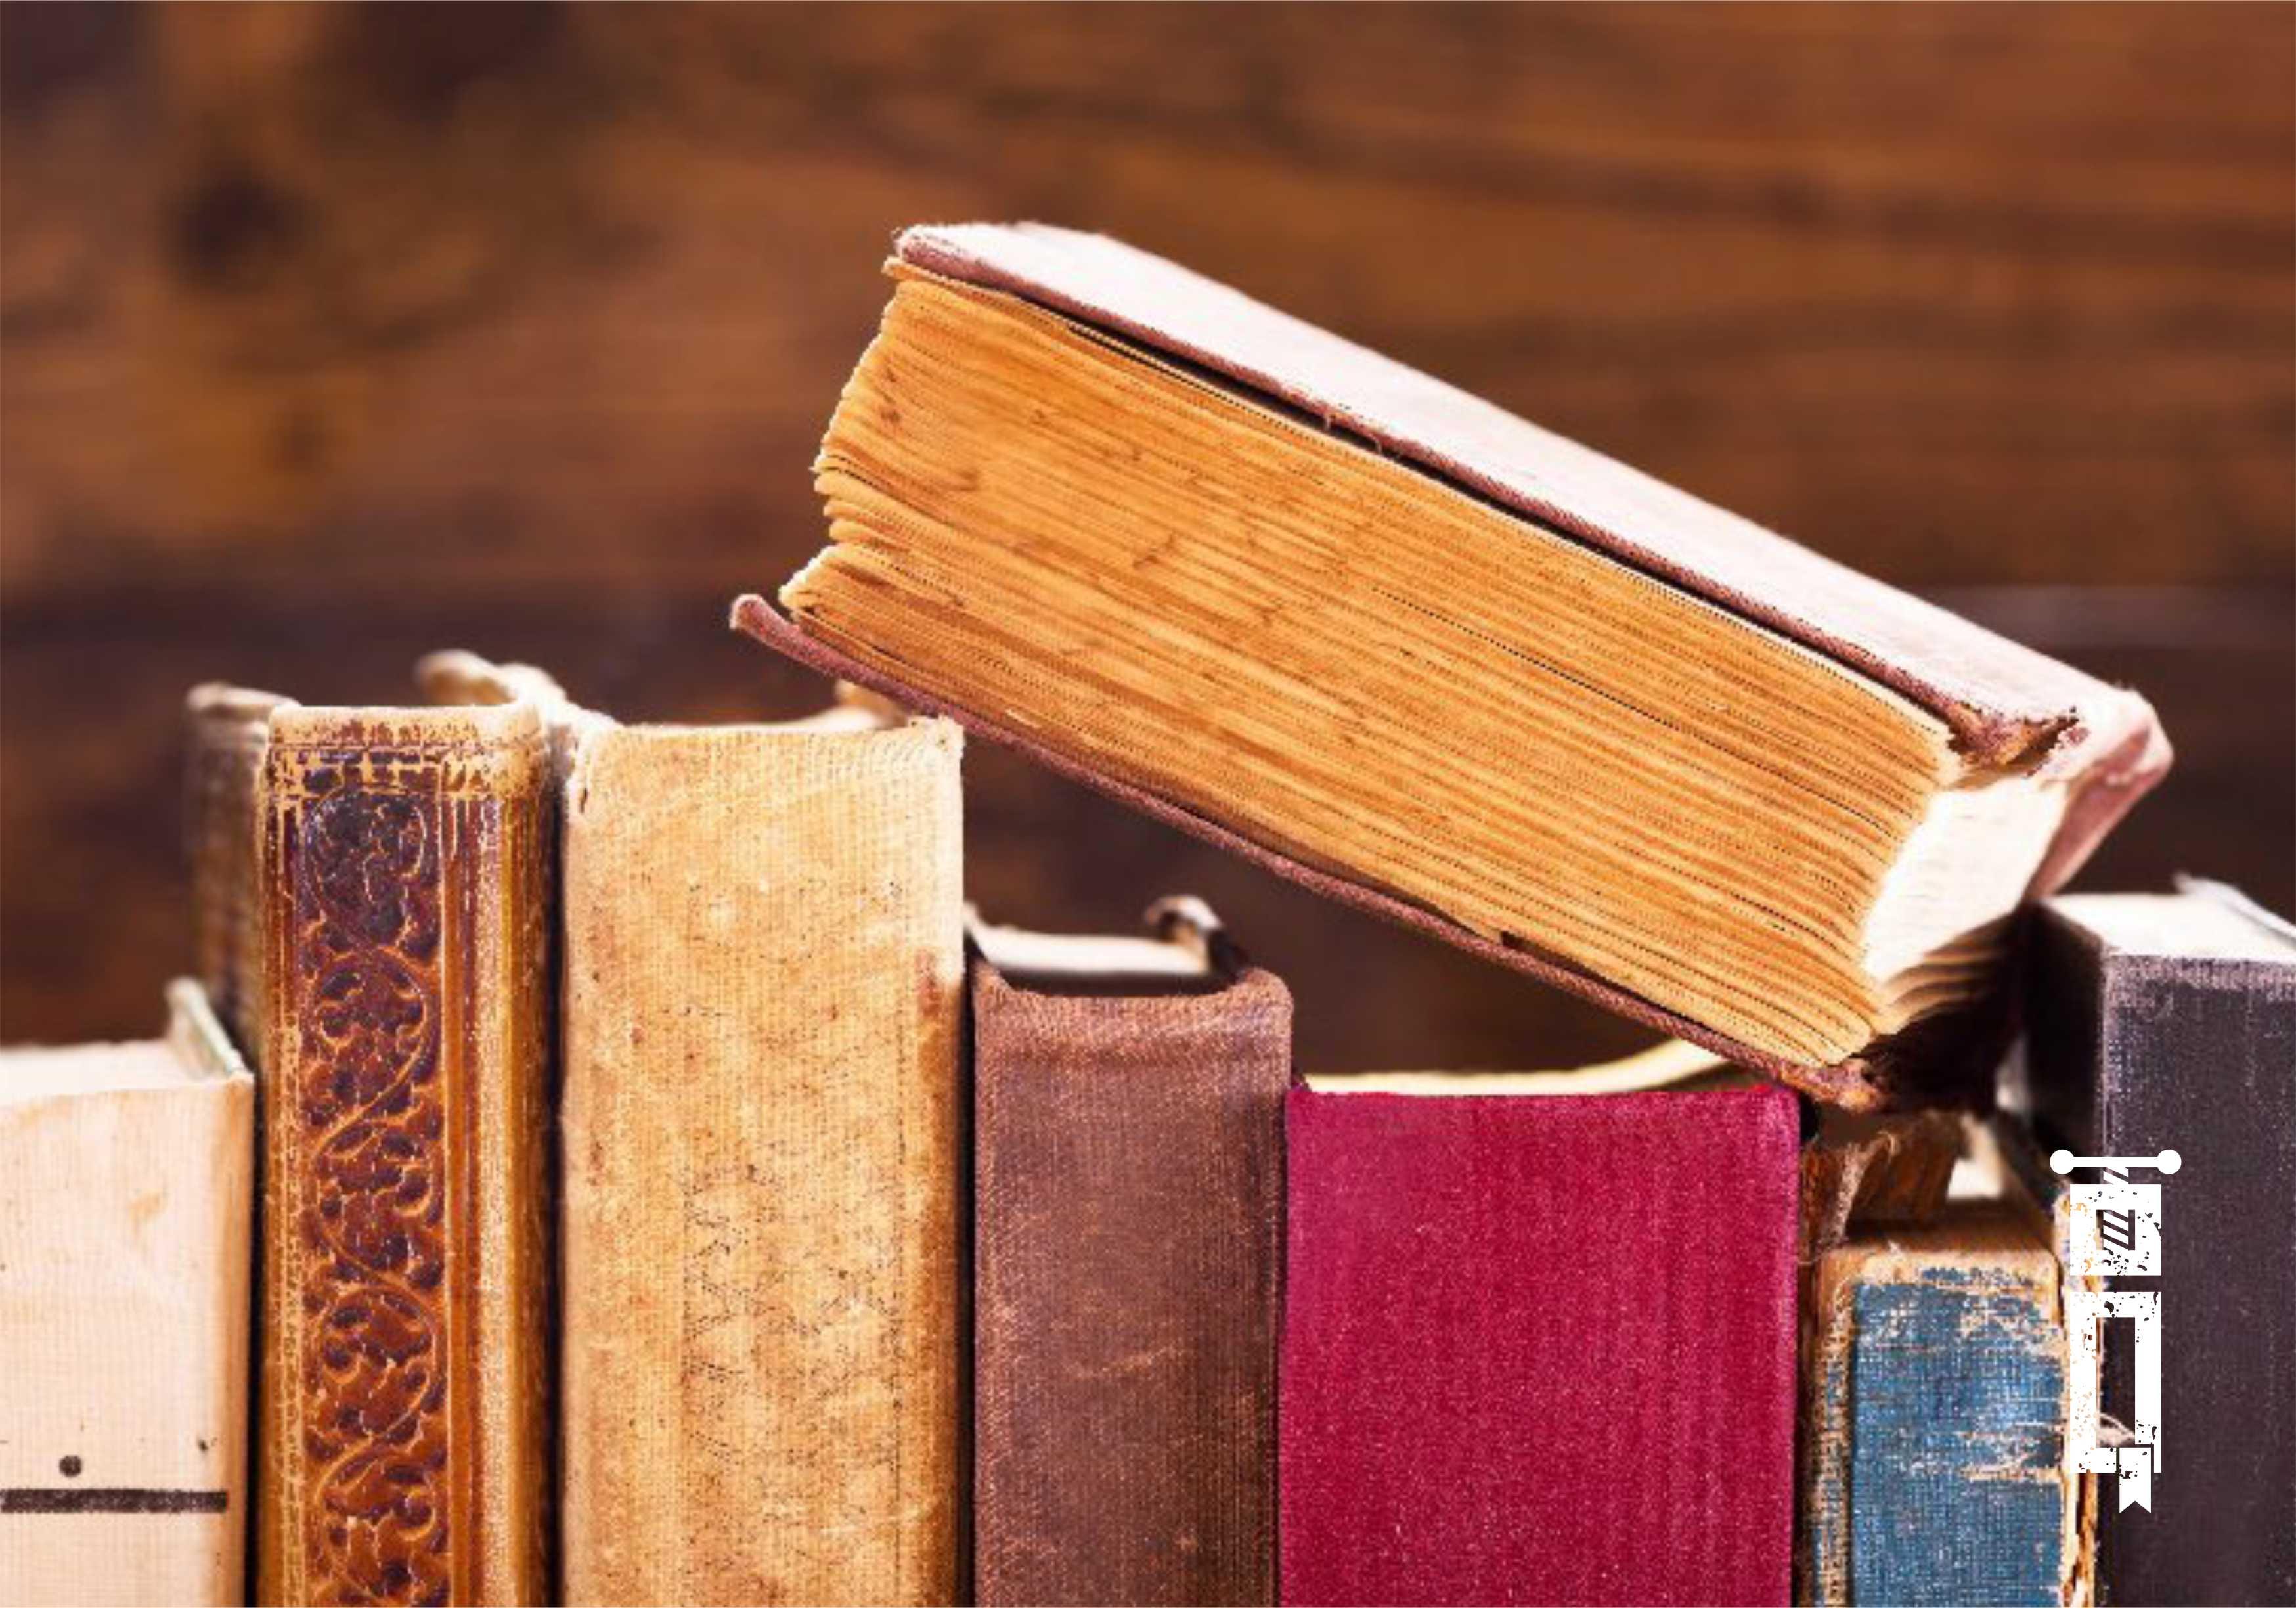 Hai dei vecchi libri e volumi a te molto cari e vorresti restaurali? Contattaci e rimetteremo a nuovo il tuo amato oggetto!